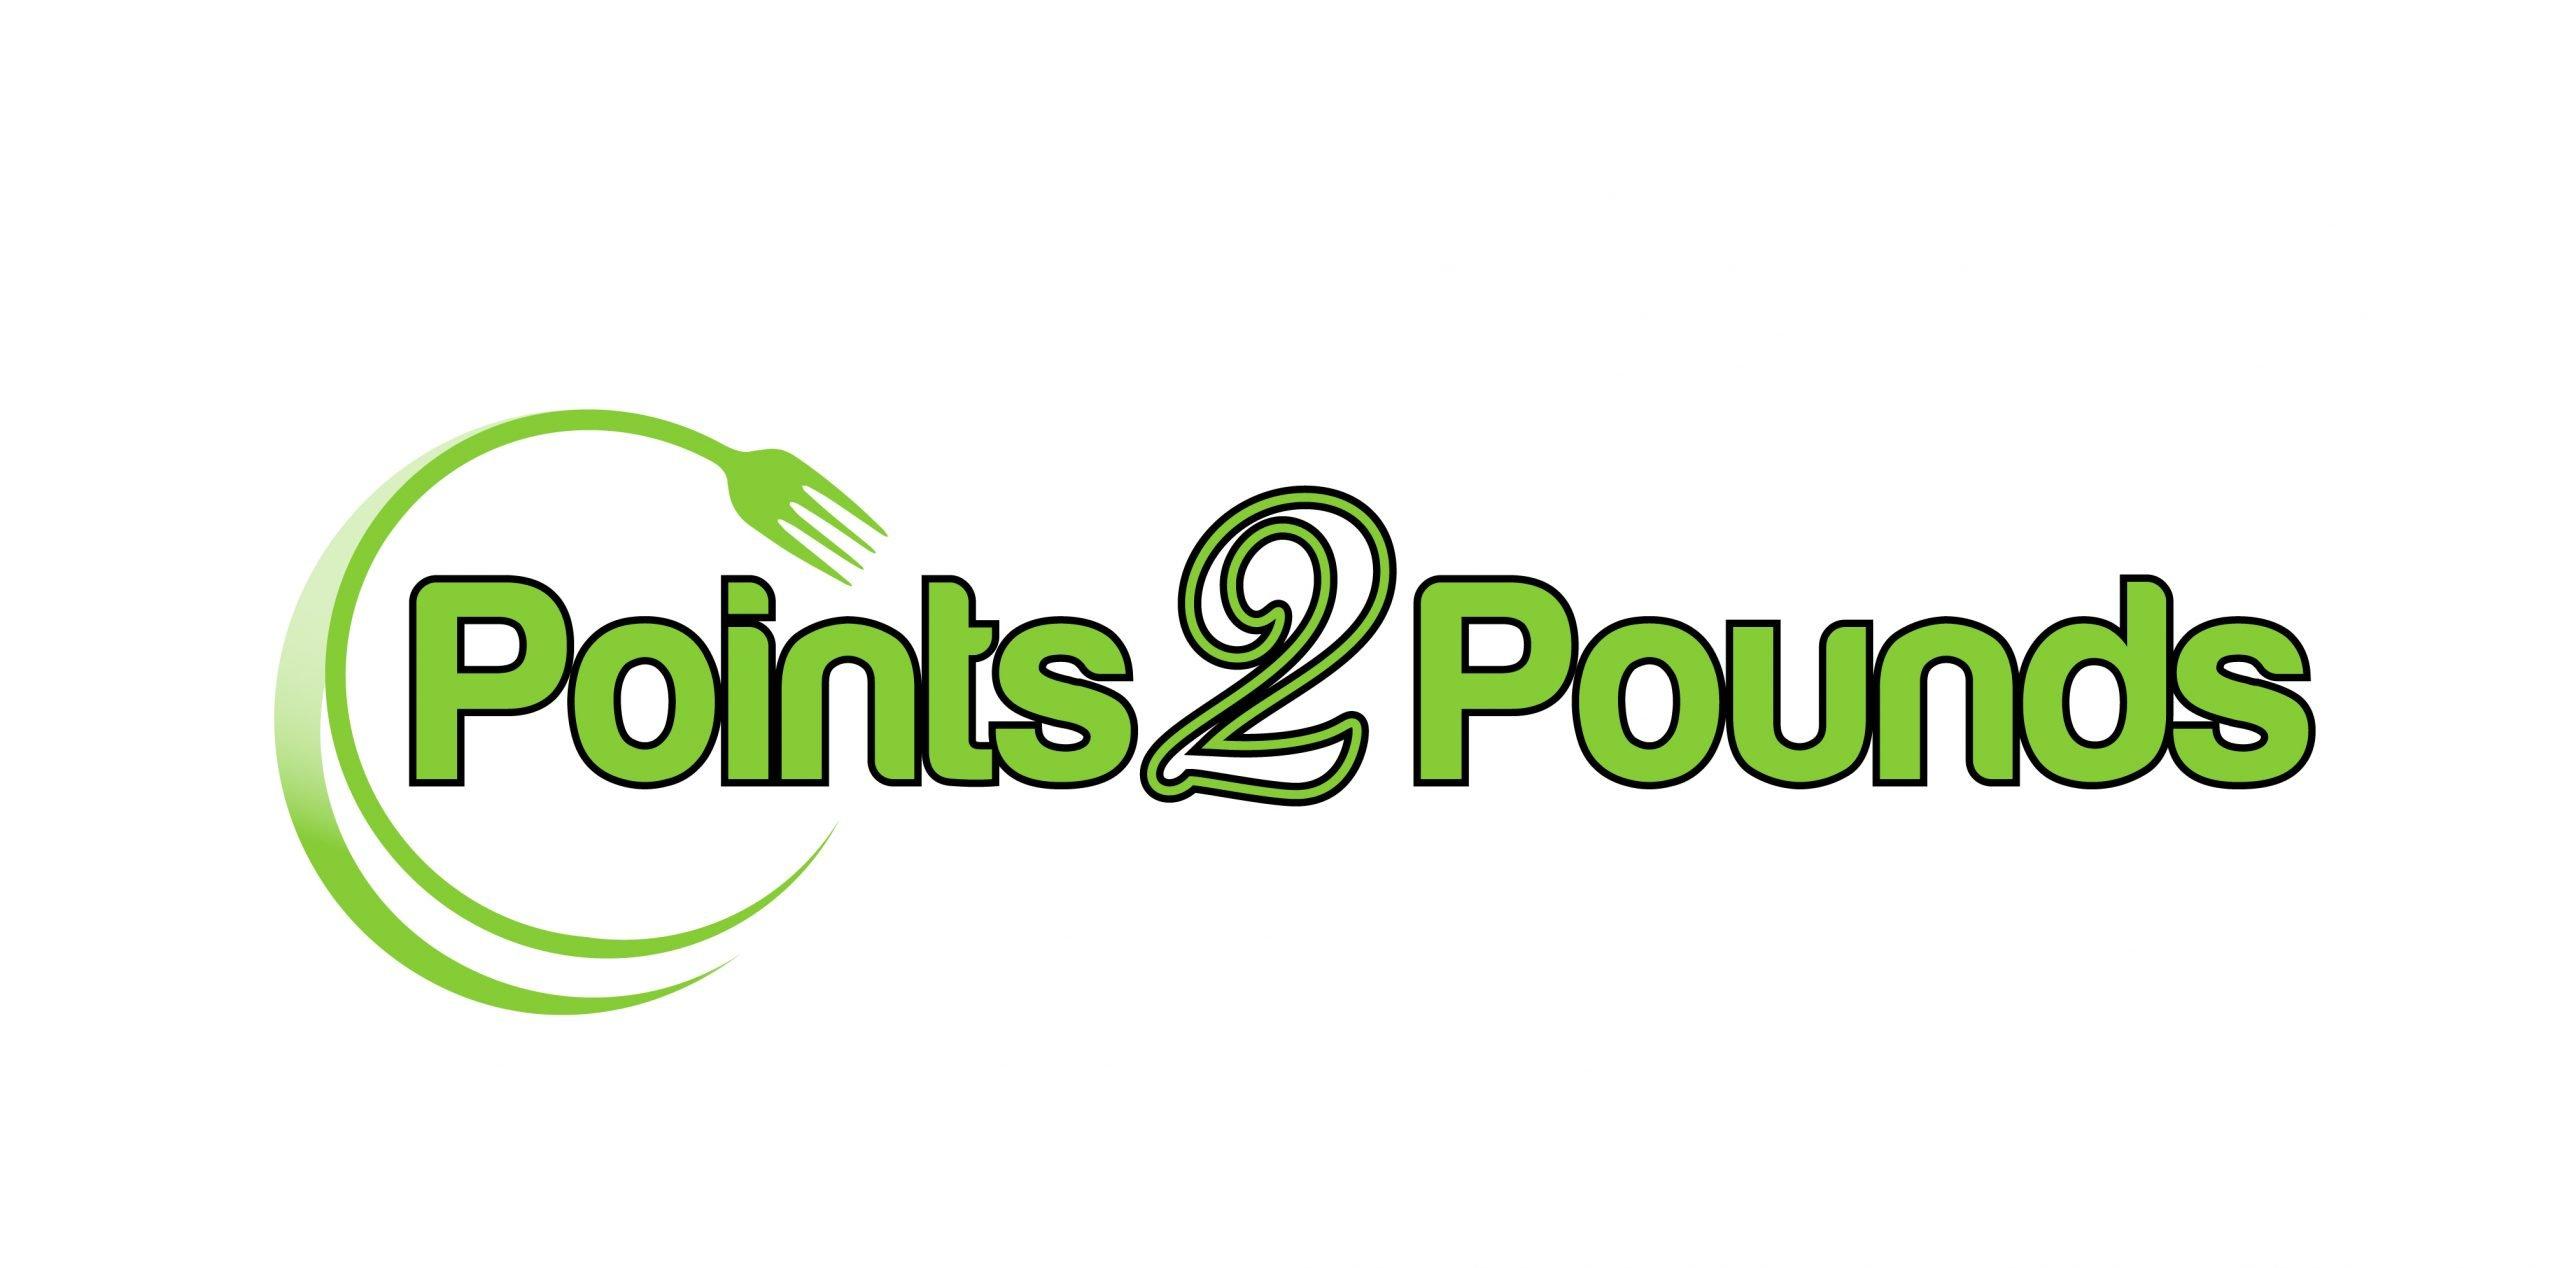 points2pounds